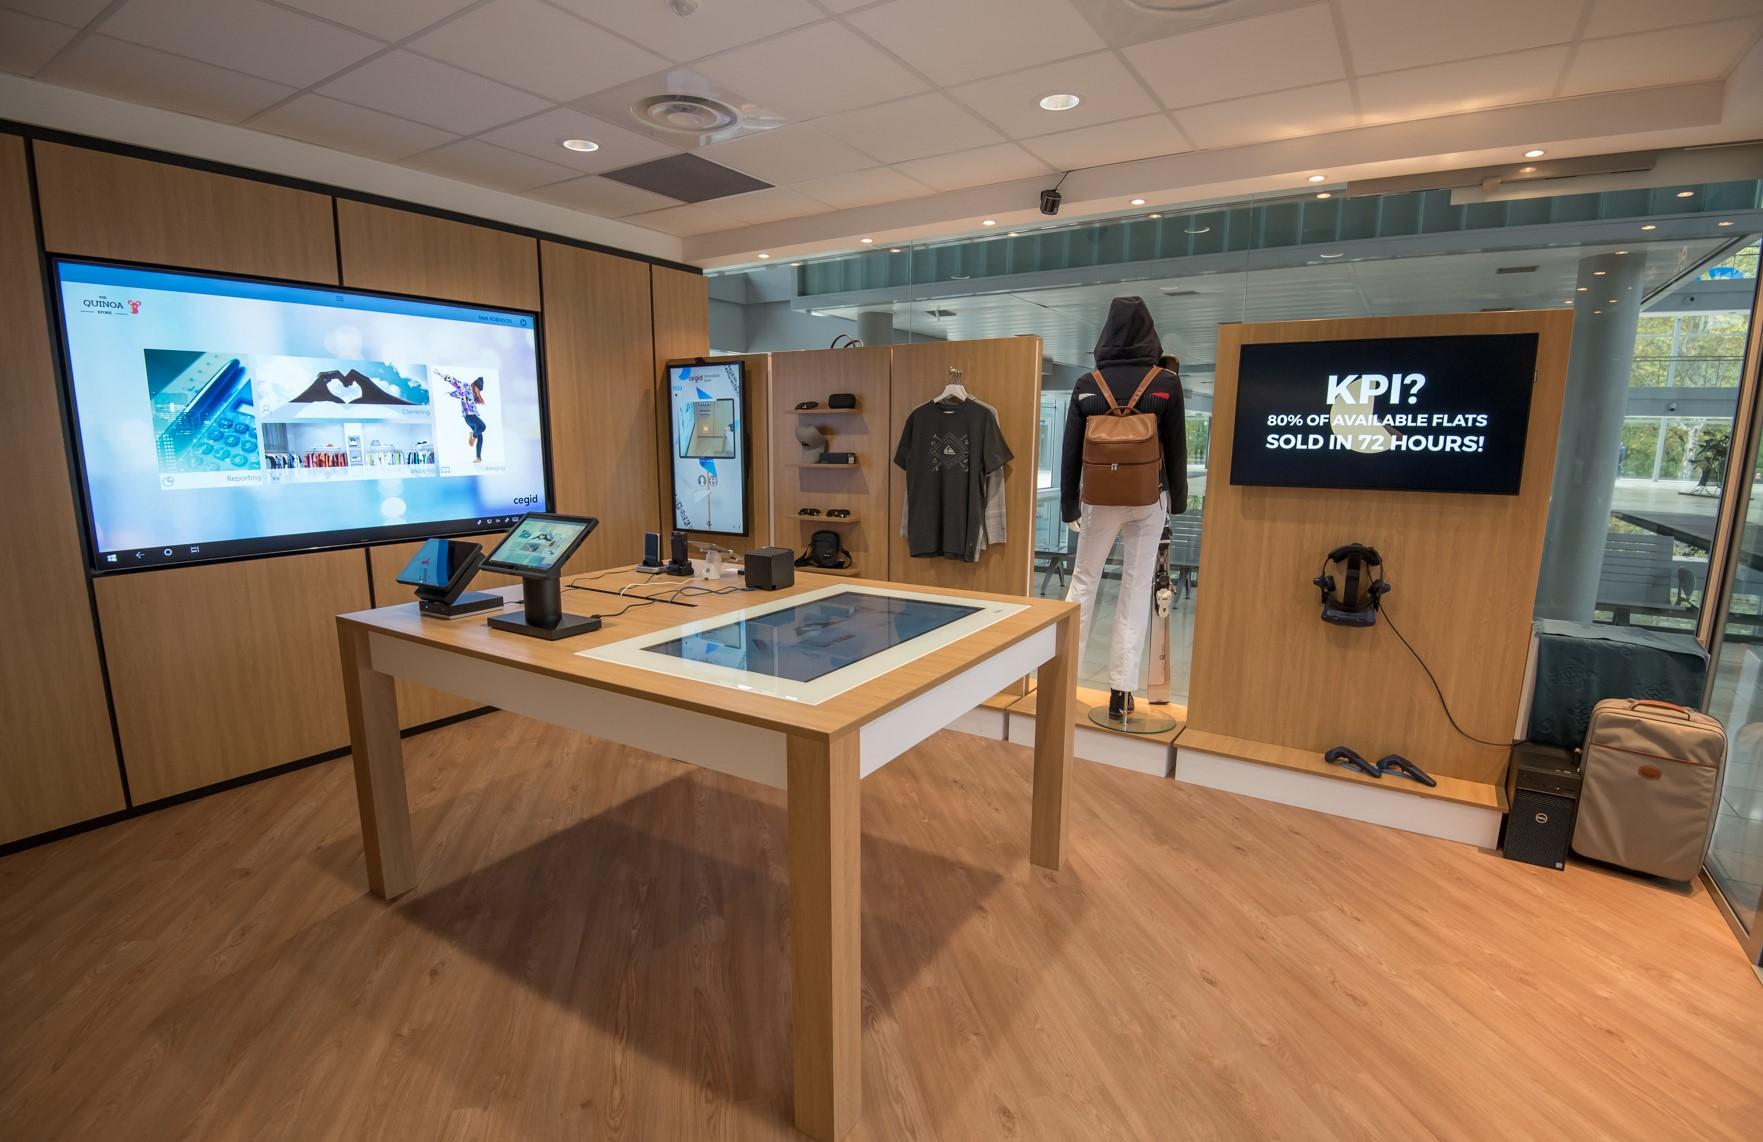 La piattaforma Retail di Cegid per la gestione del punto vendita